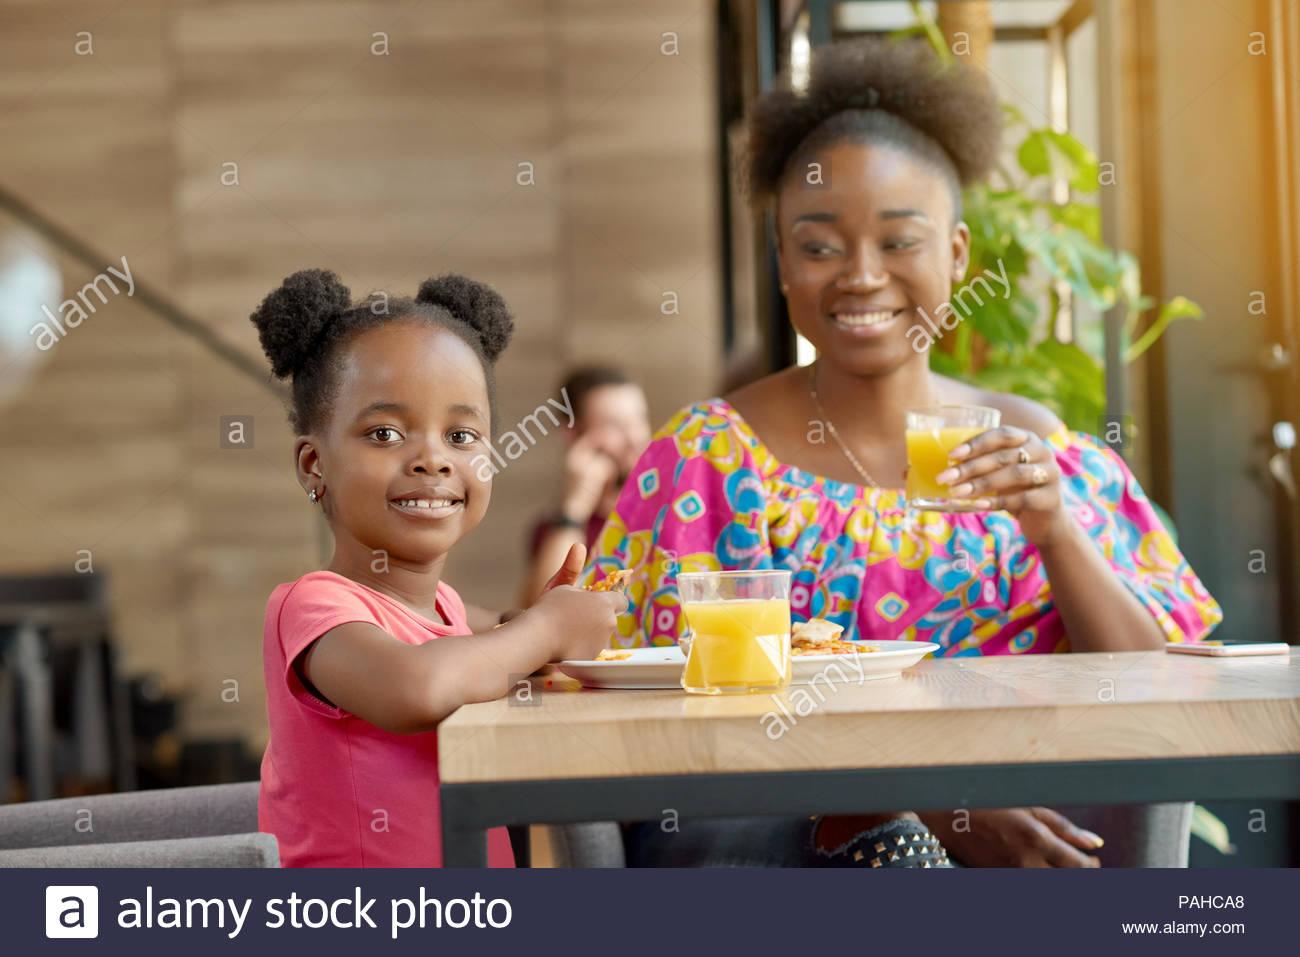 Happy smiling mother and daughter drinking orange juice, manger des pizzas. Avoir la bonne humeur, merveilleux temps ensemble, belle famille. Les autres clients assis dans le café. Intérieur Loft. Photo Stock